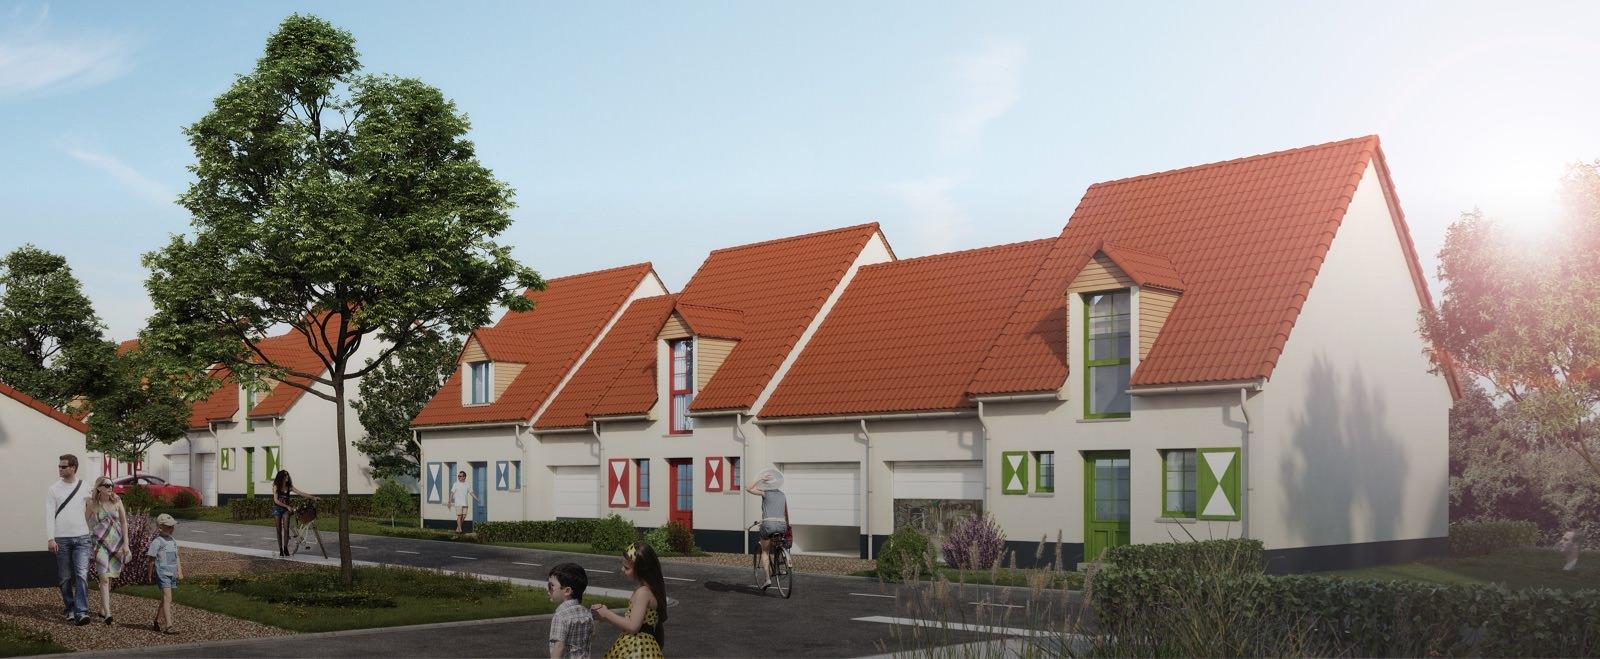 Maison neuve wissant les cottages d 39 opale sigla neuf for Achat maison neuve 01